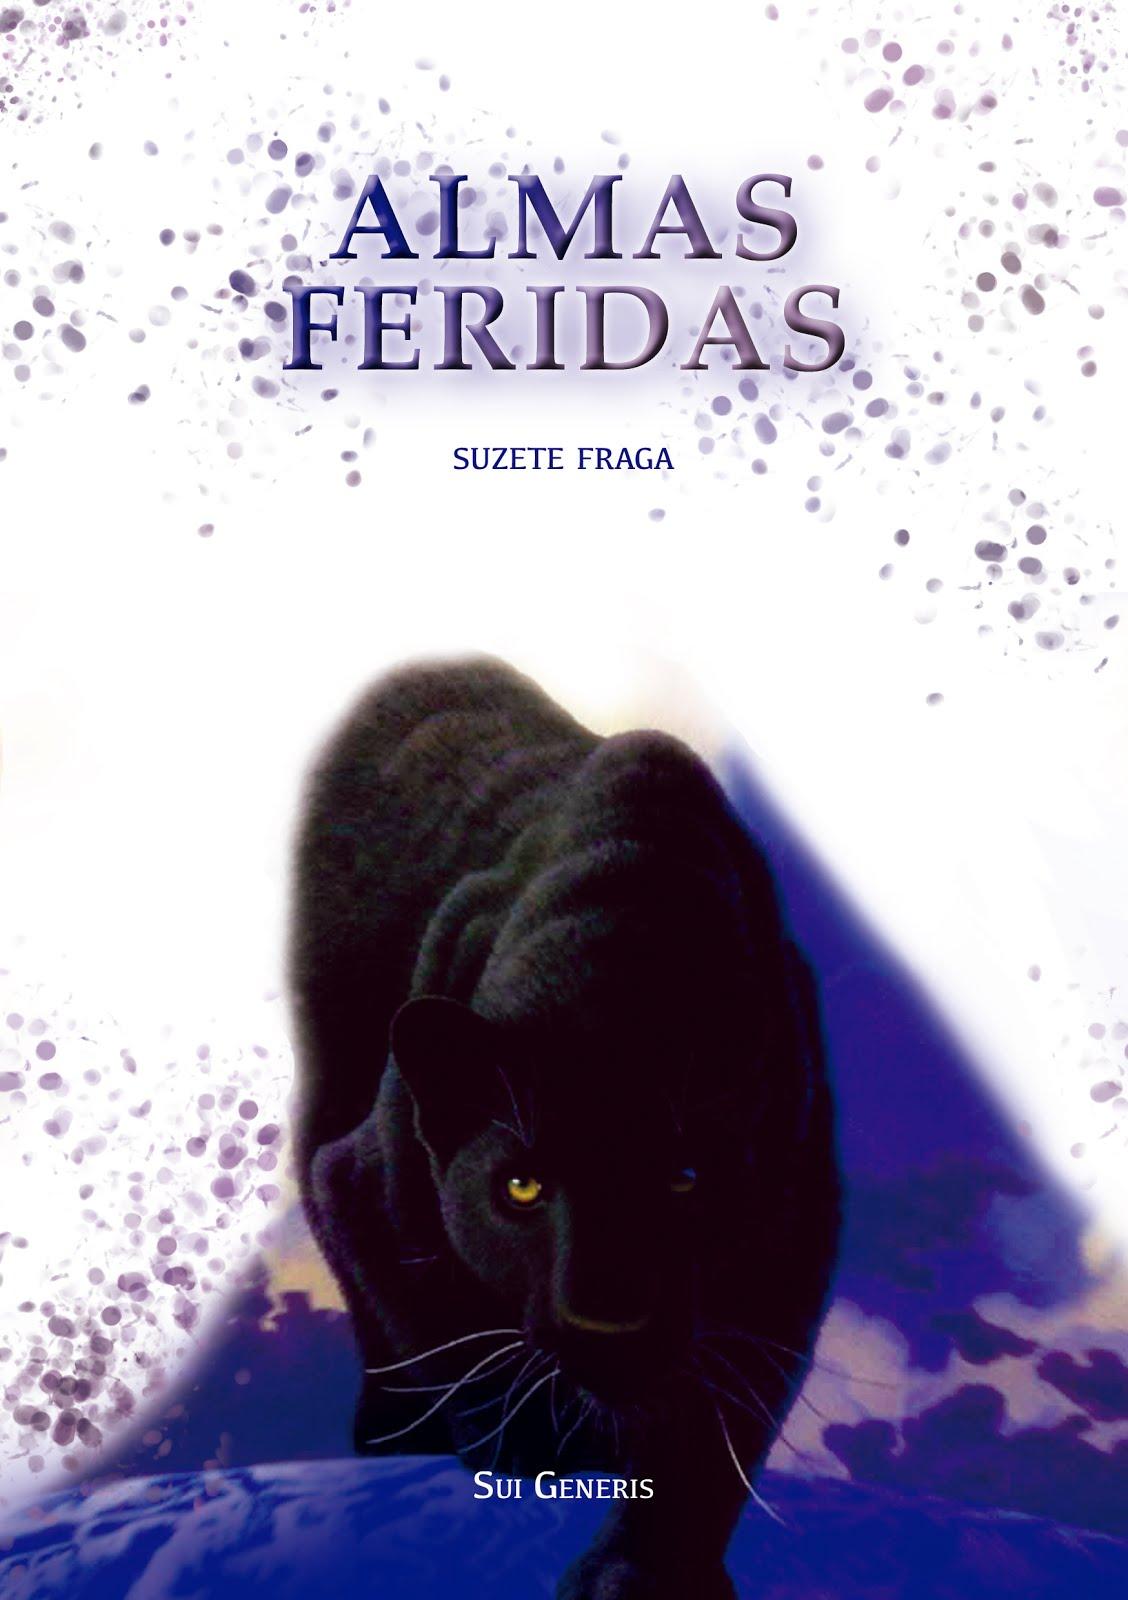 Prefaciei e Editei «ALMAS FERIDAS», o livro que marca a estreia literária de Suzete Fraga